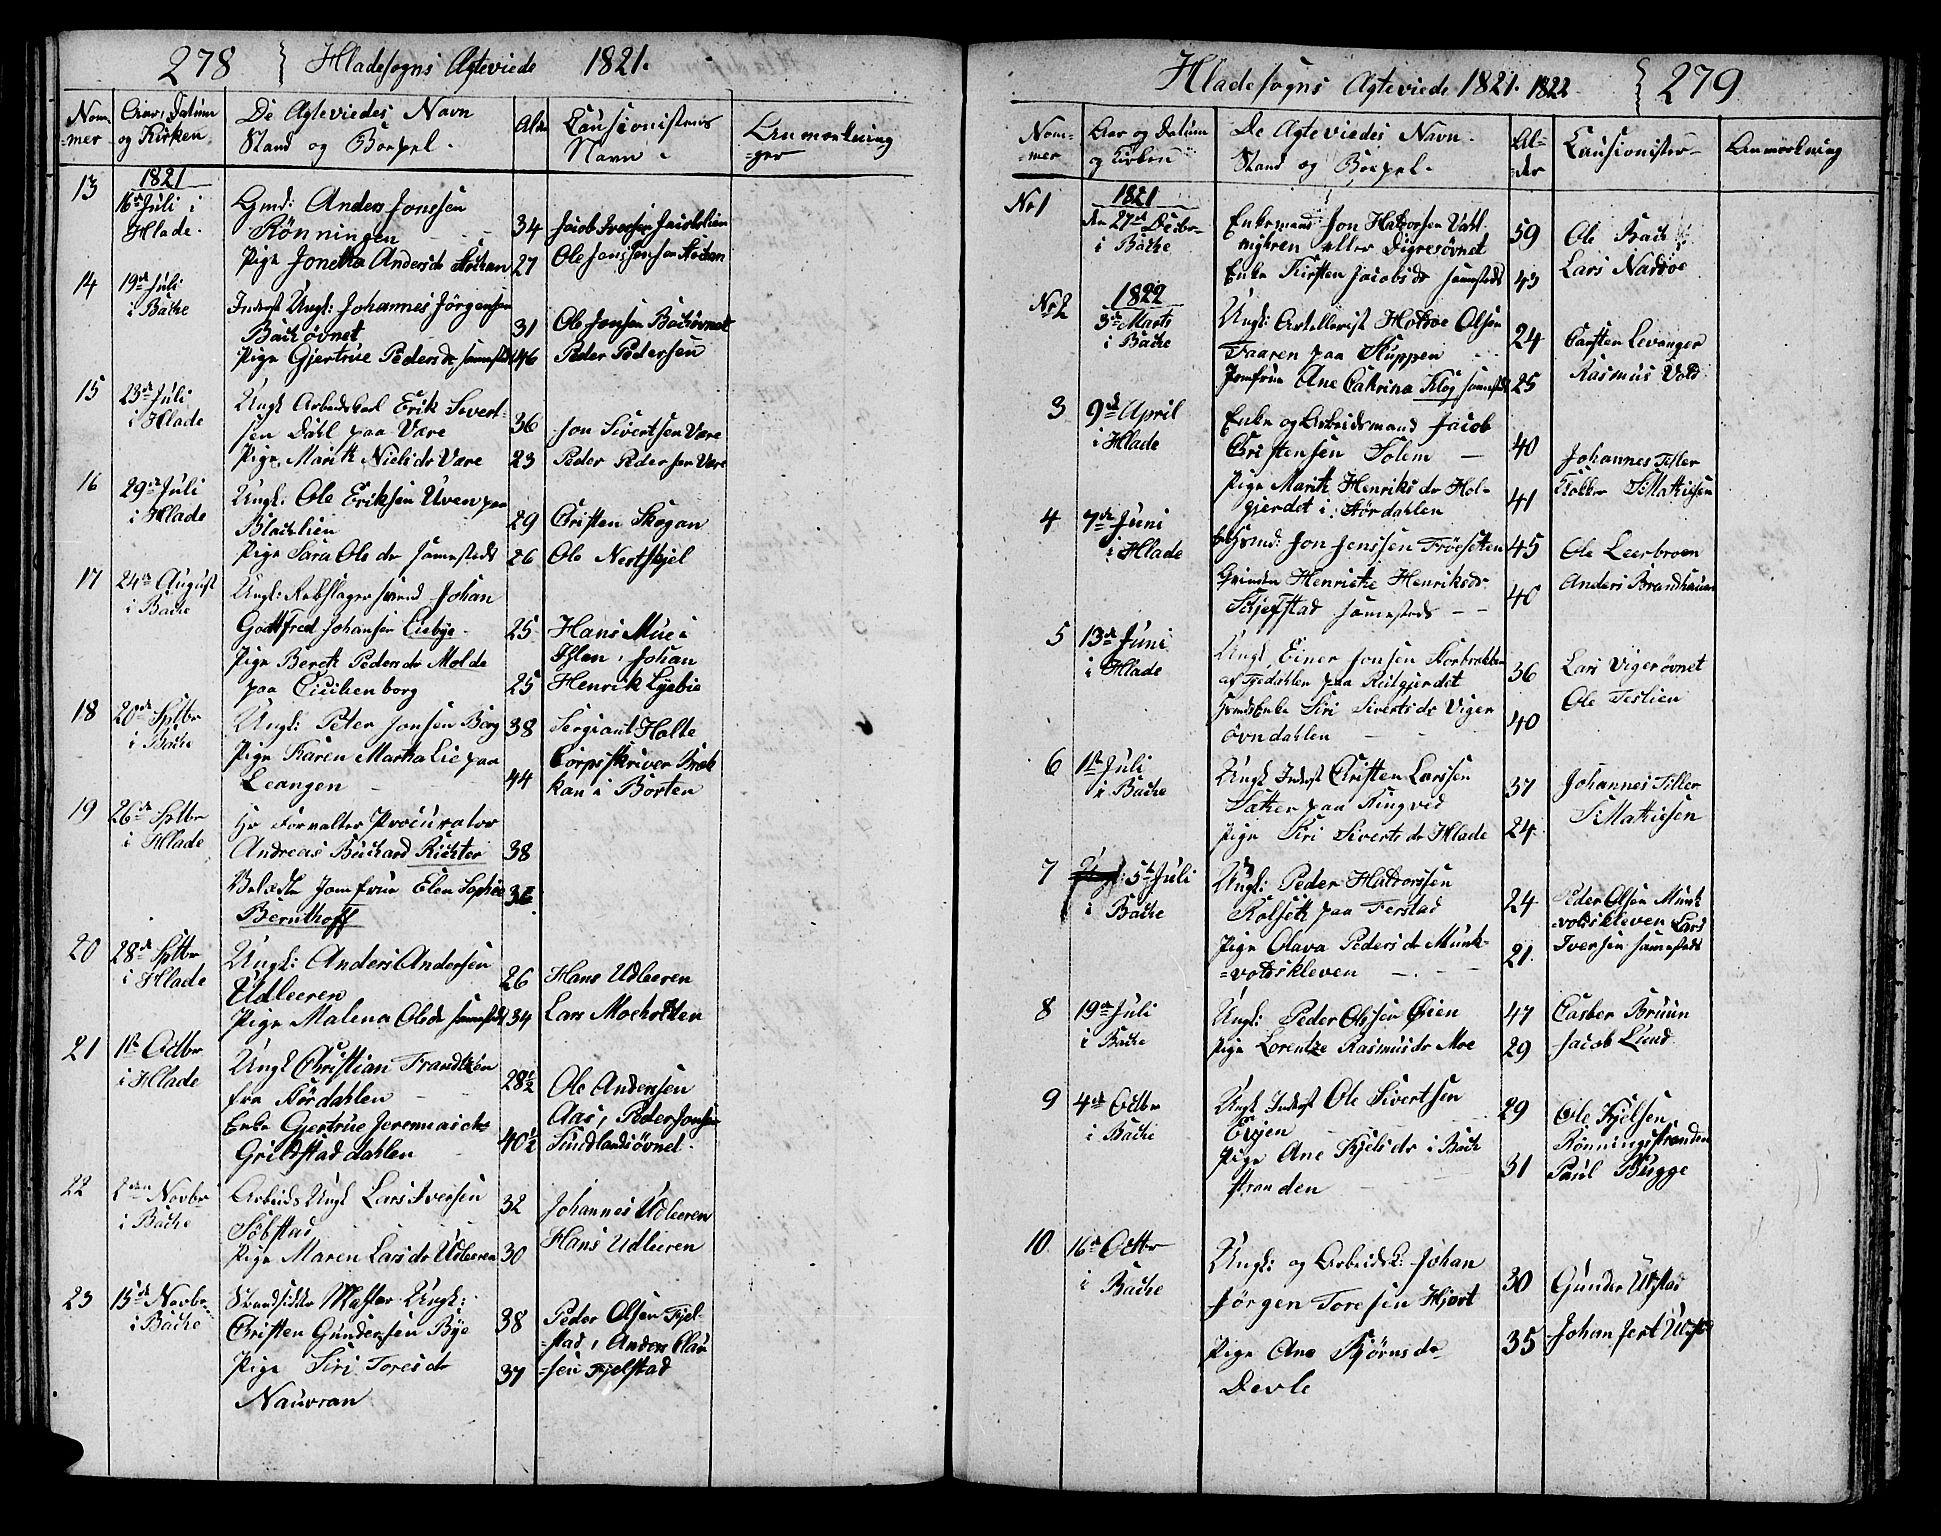 SAT, Ministerialprotokoller, klokkerbøker og fødselsregistre - Sør-Trøndelag, 606/L0306: Klokkerbok nr. 606C02, 1797-1829, s. 278-279